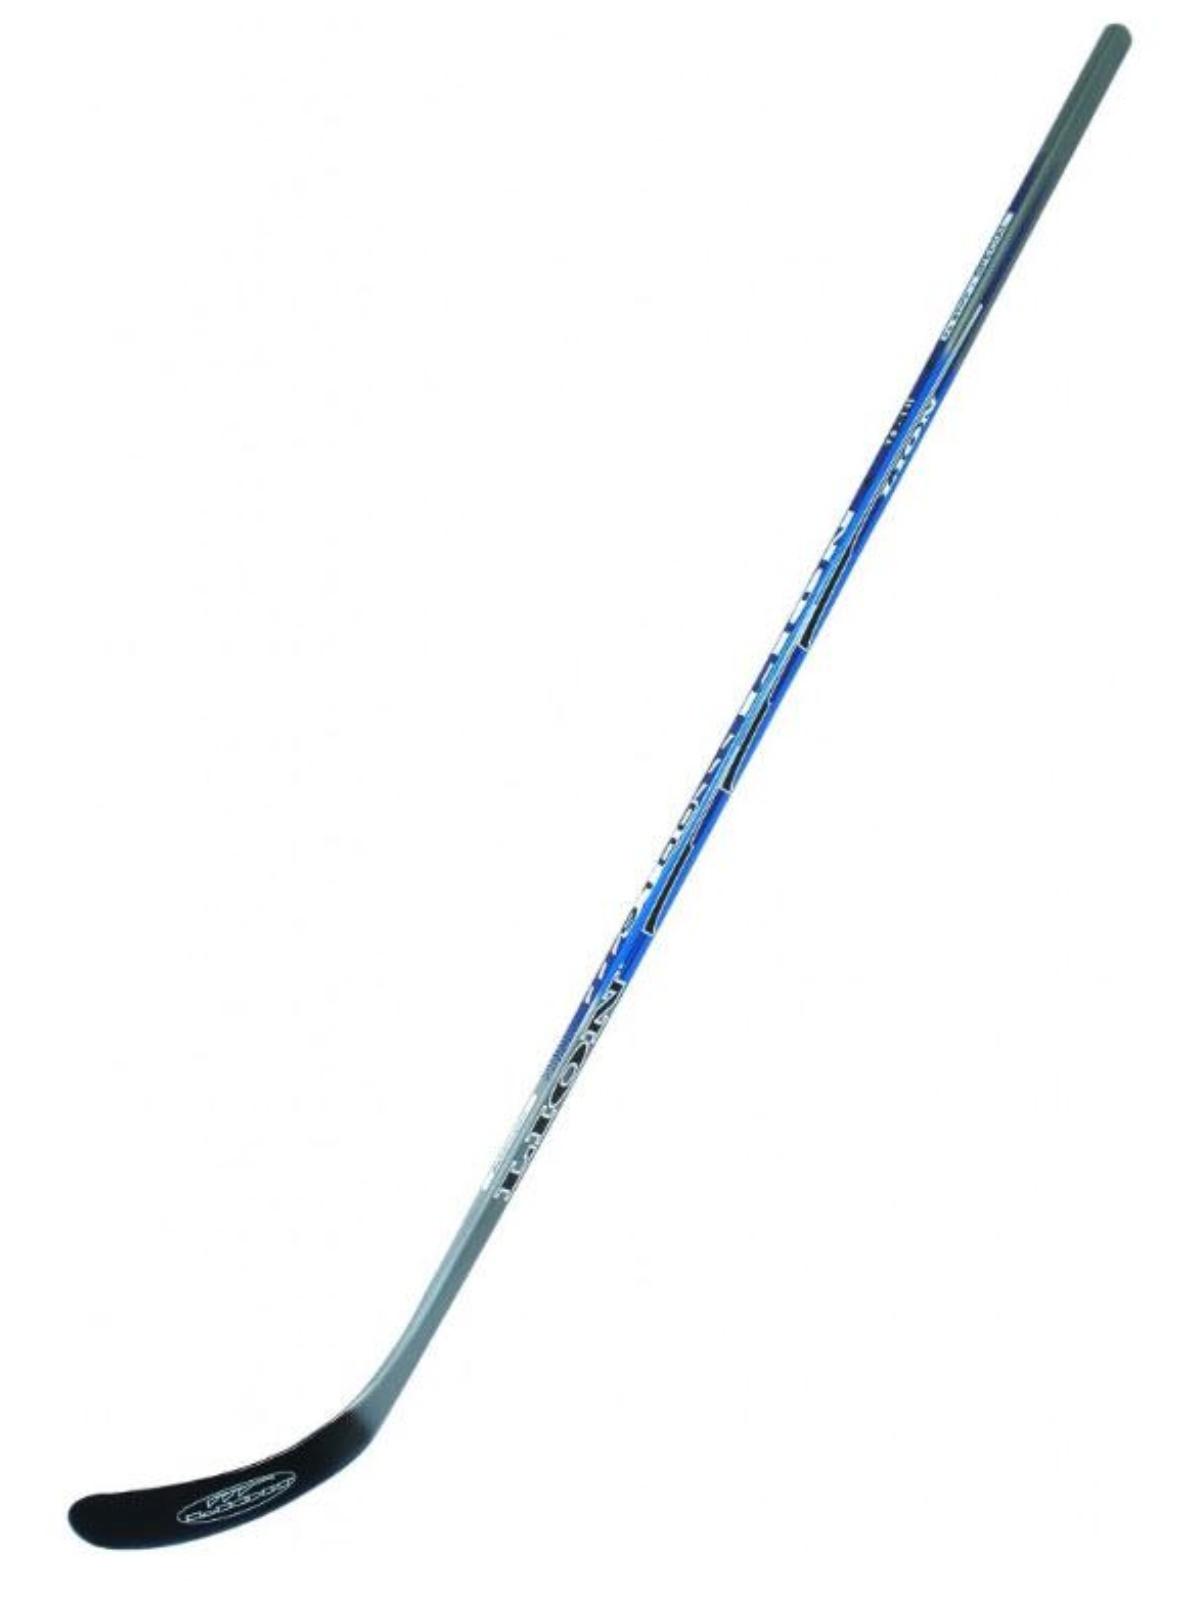 Hokejka LION 9100 - 152 cm pravá - modro-stříbrná